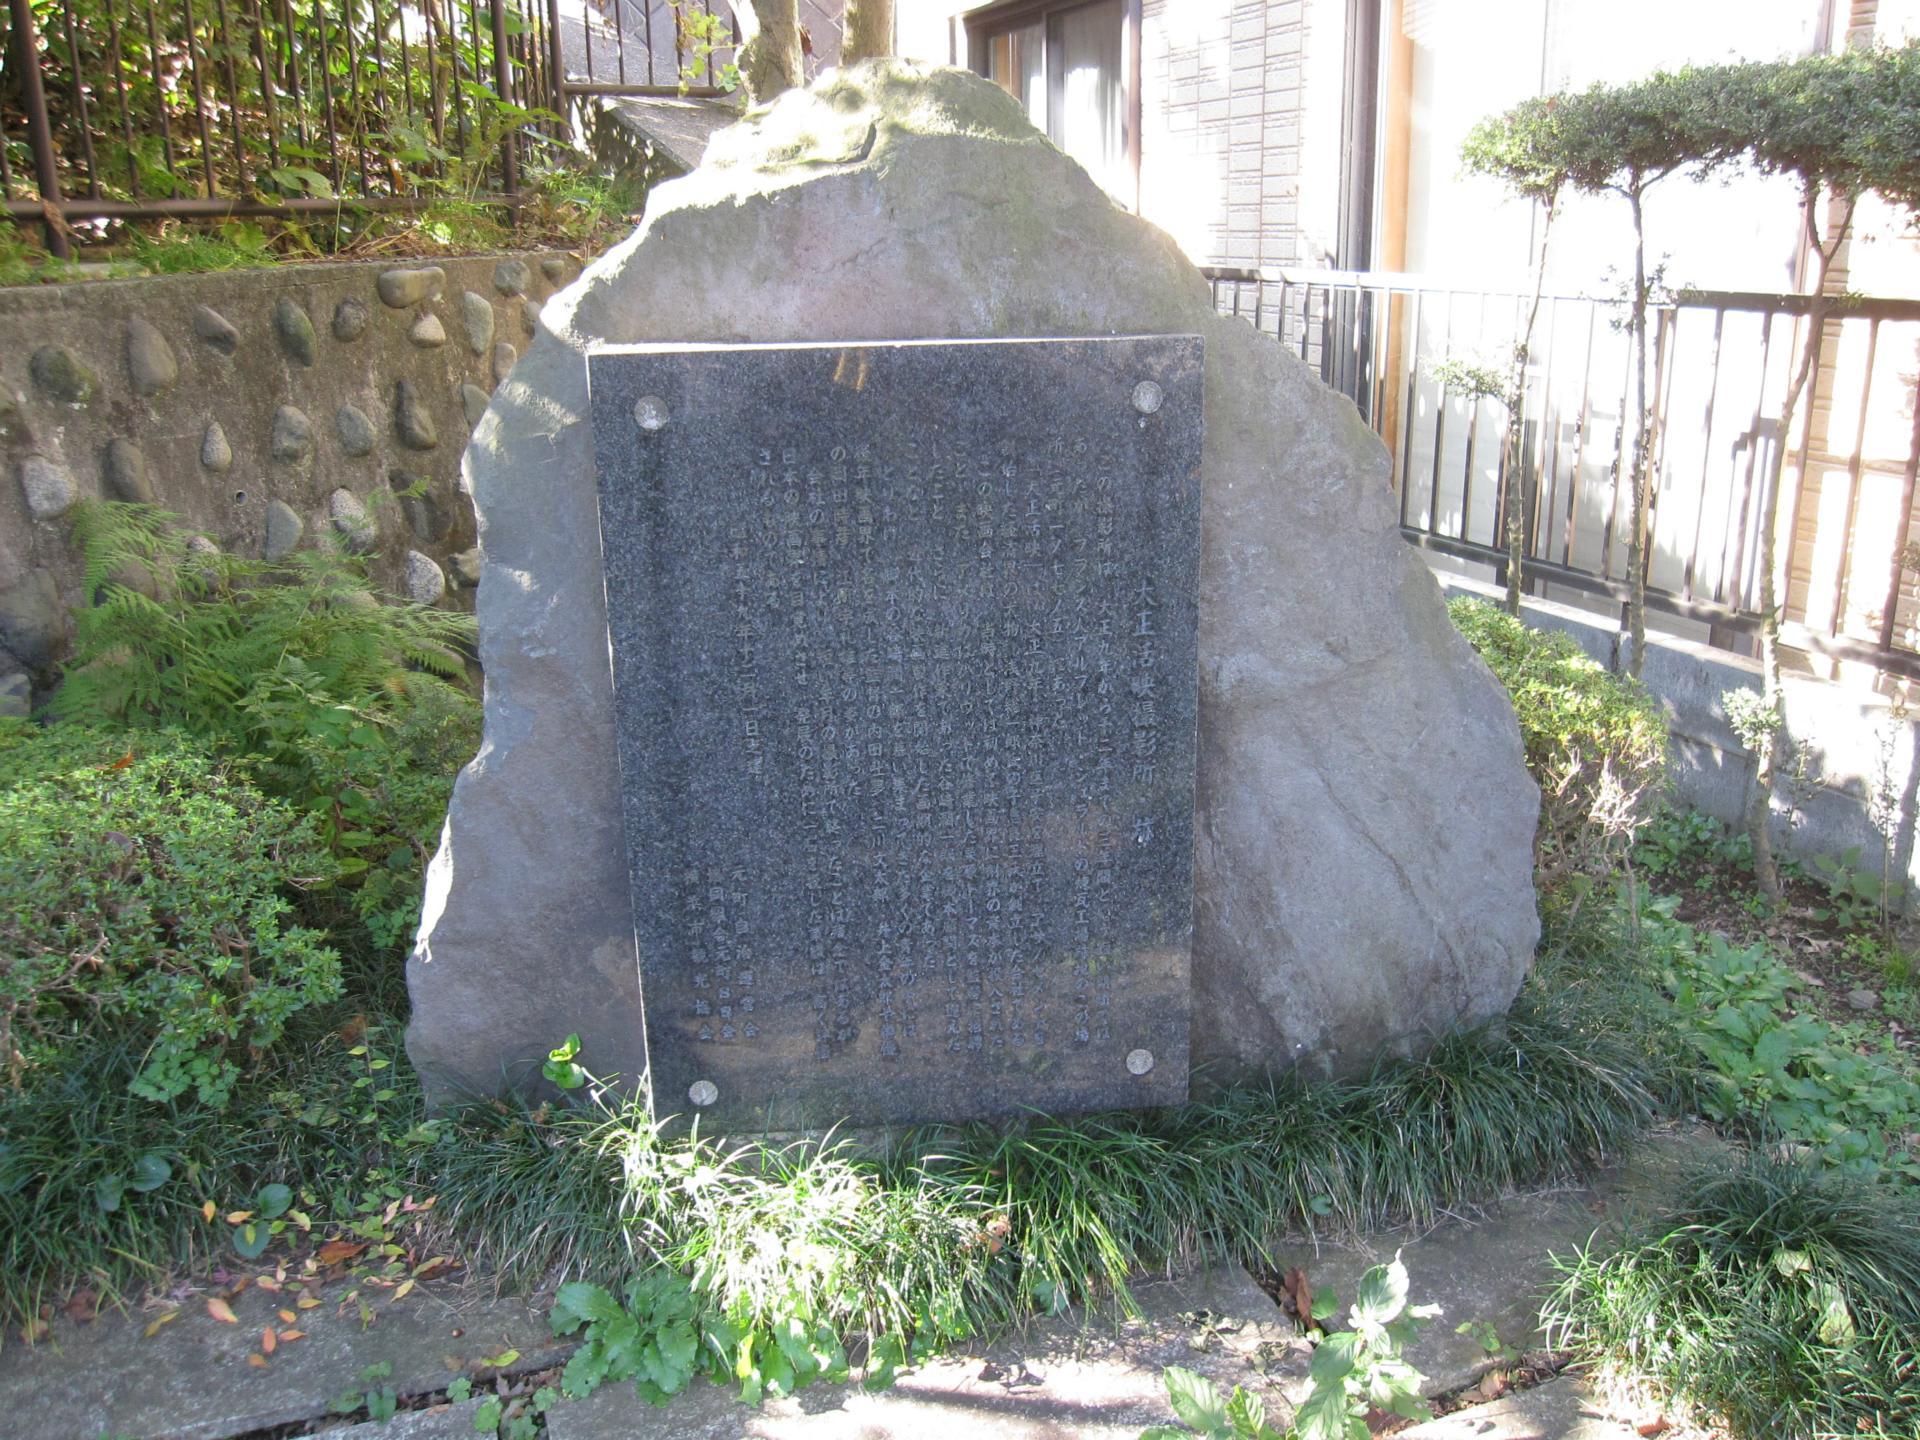 大正活映撮影所跡の碑について - gooブログはじめました!よろしく